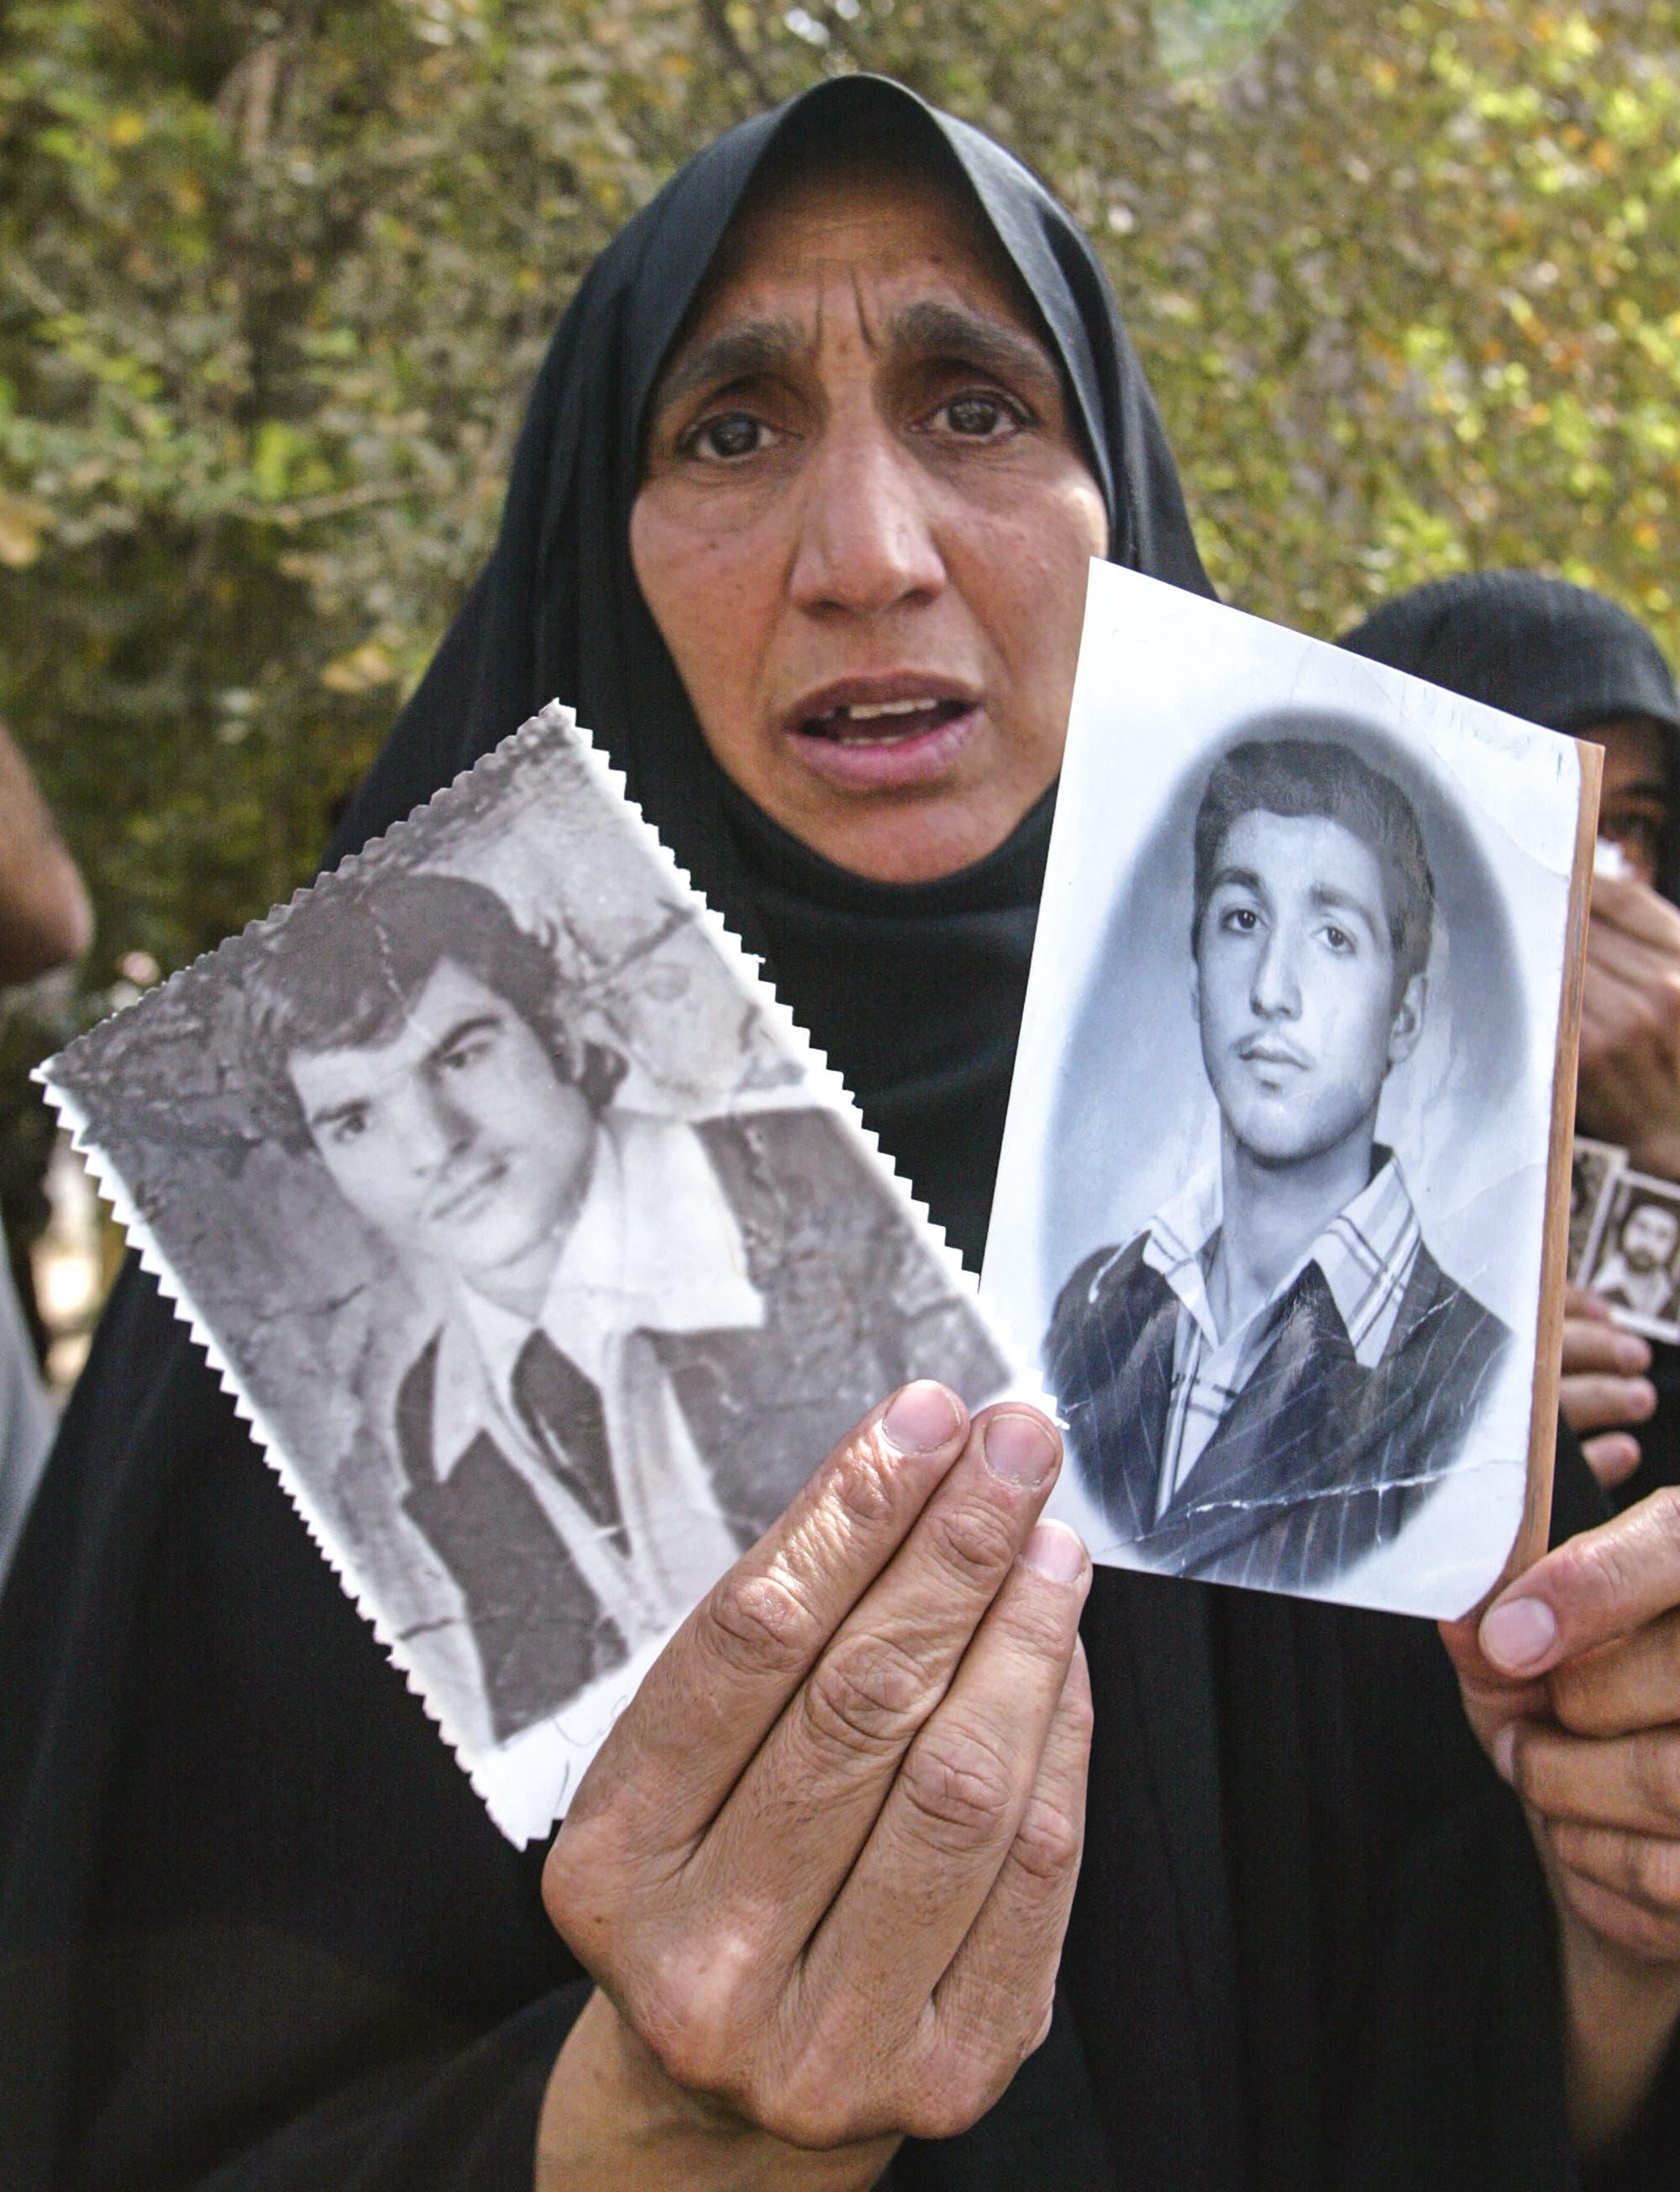 سيدة عراقية تحمل صورة أقارب لها فقدوا خلال عهد البعث في العراق (أرشيفية- فرانس برس)